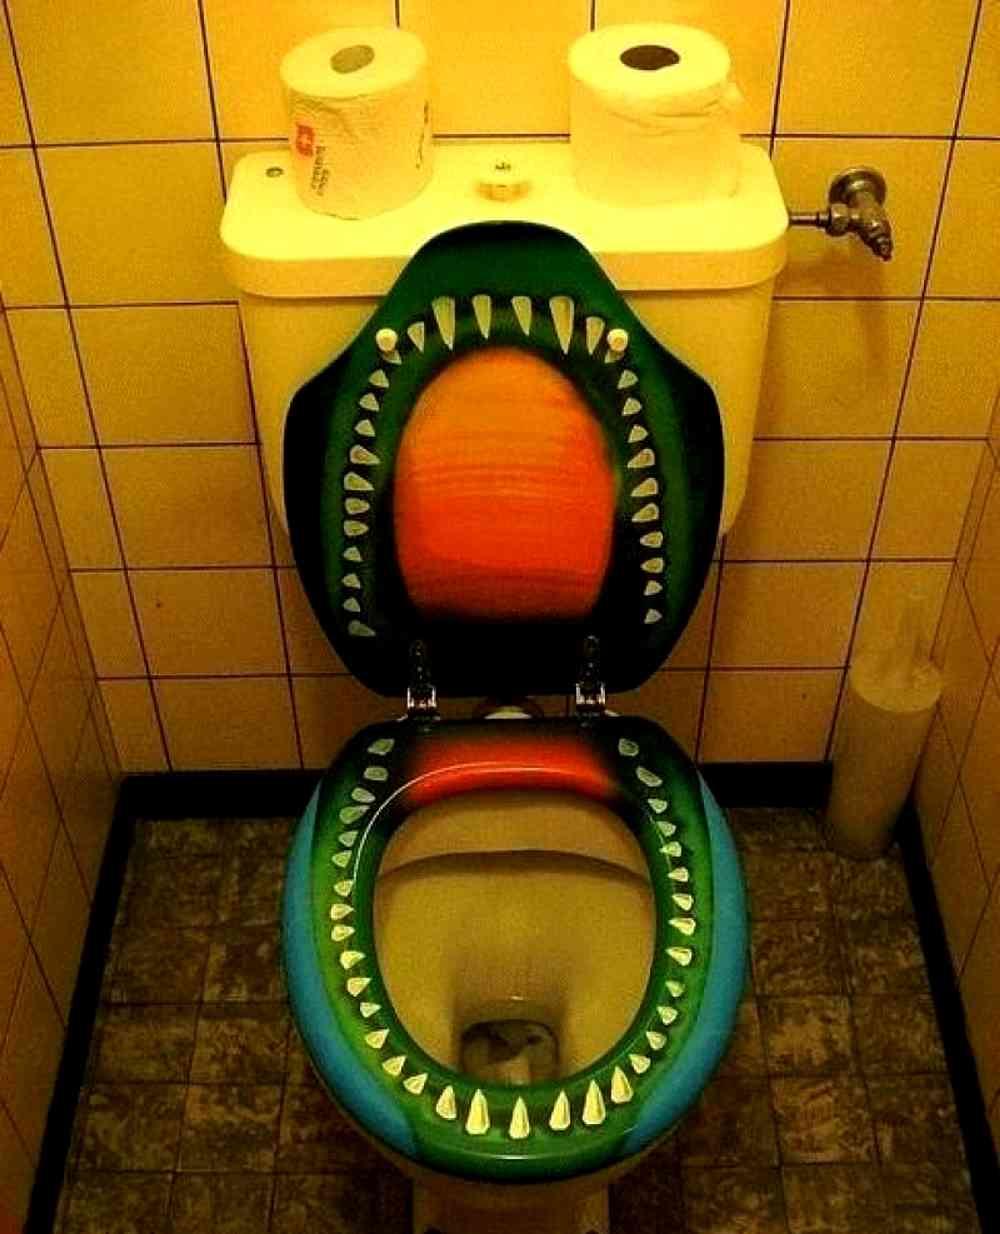 Фото картинки, туалет картинки прикол